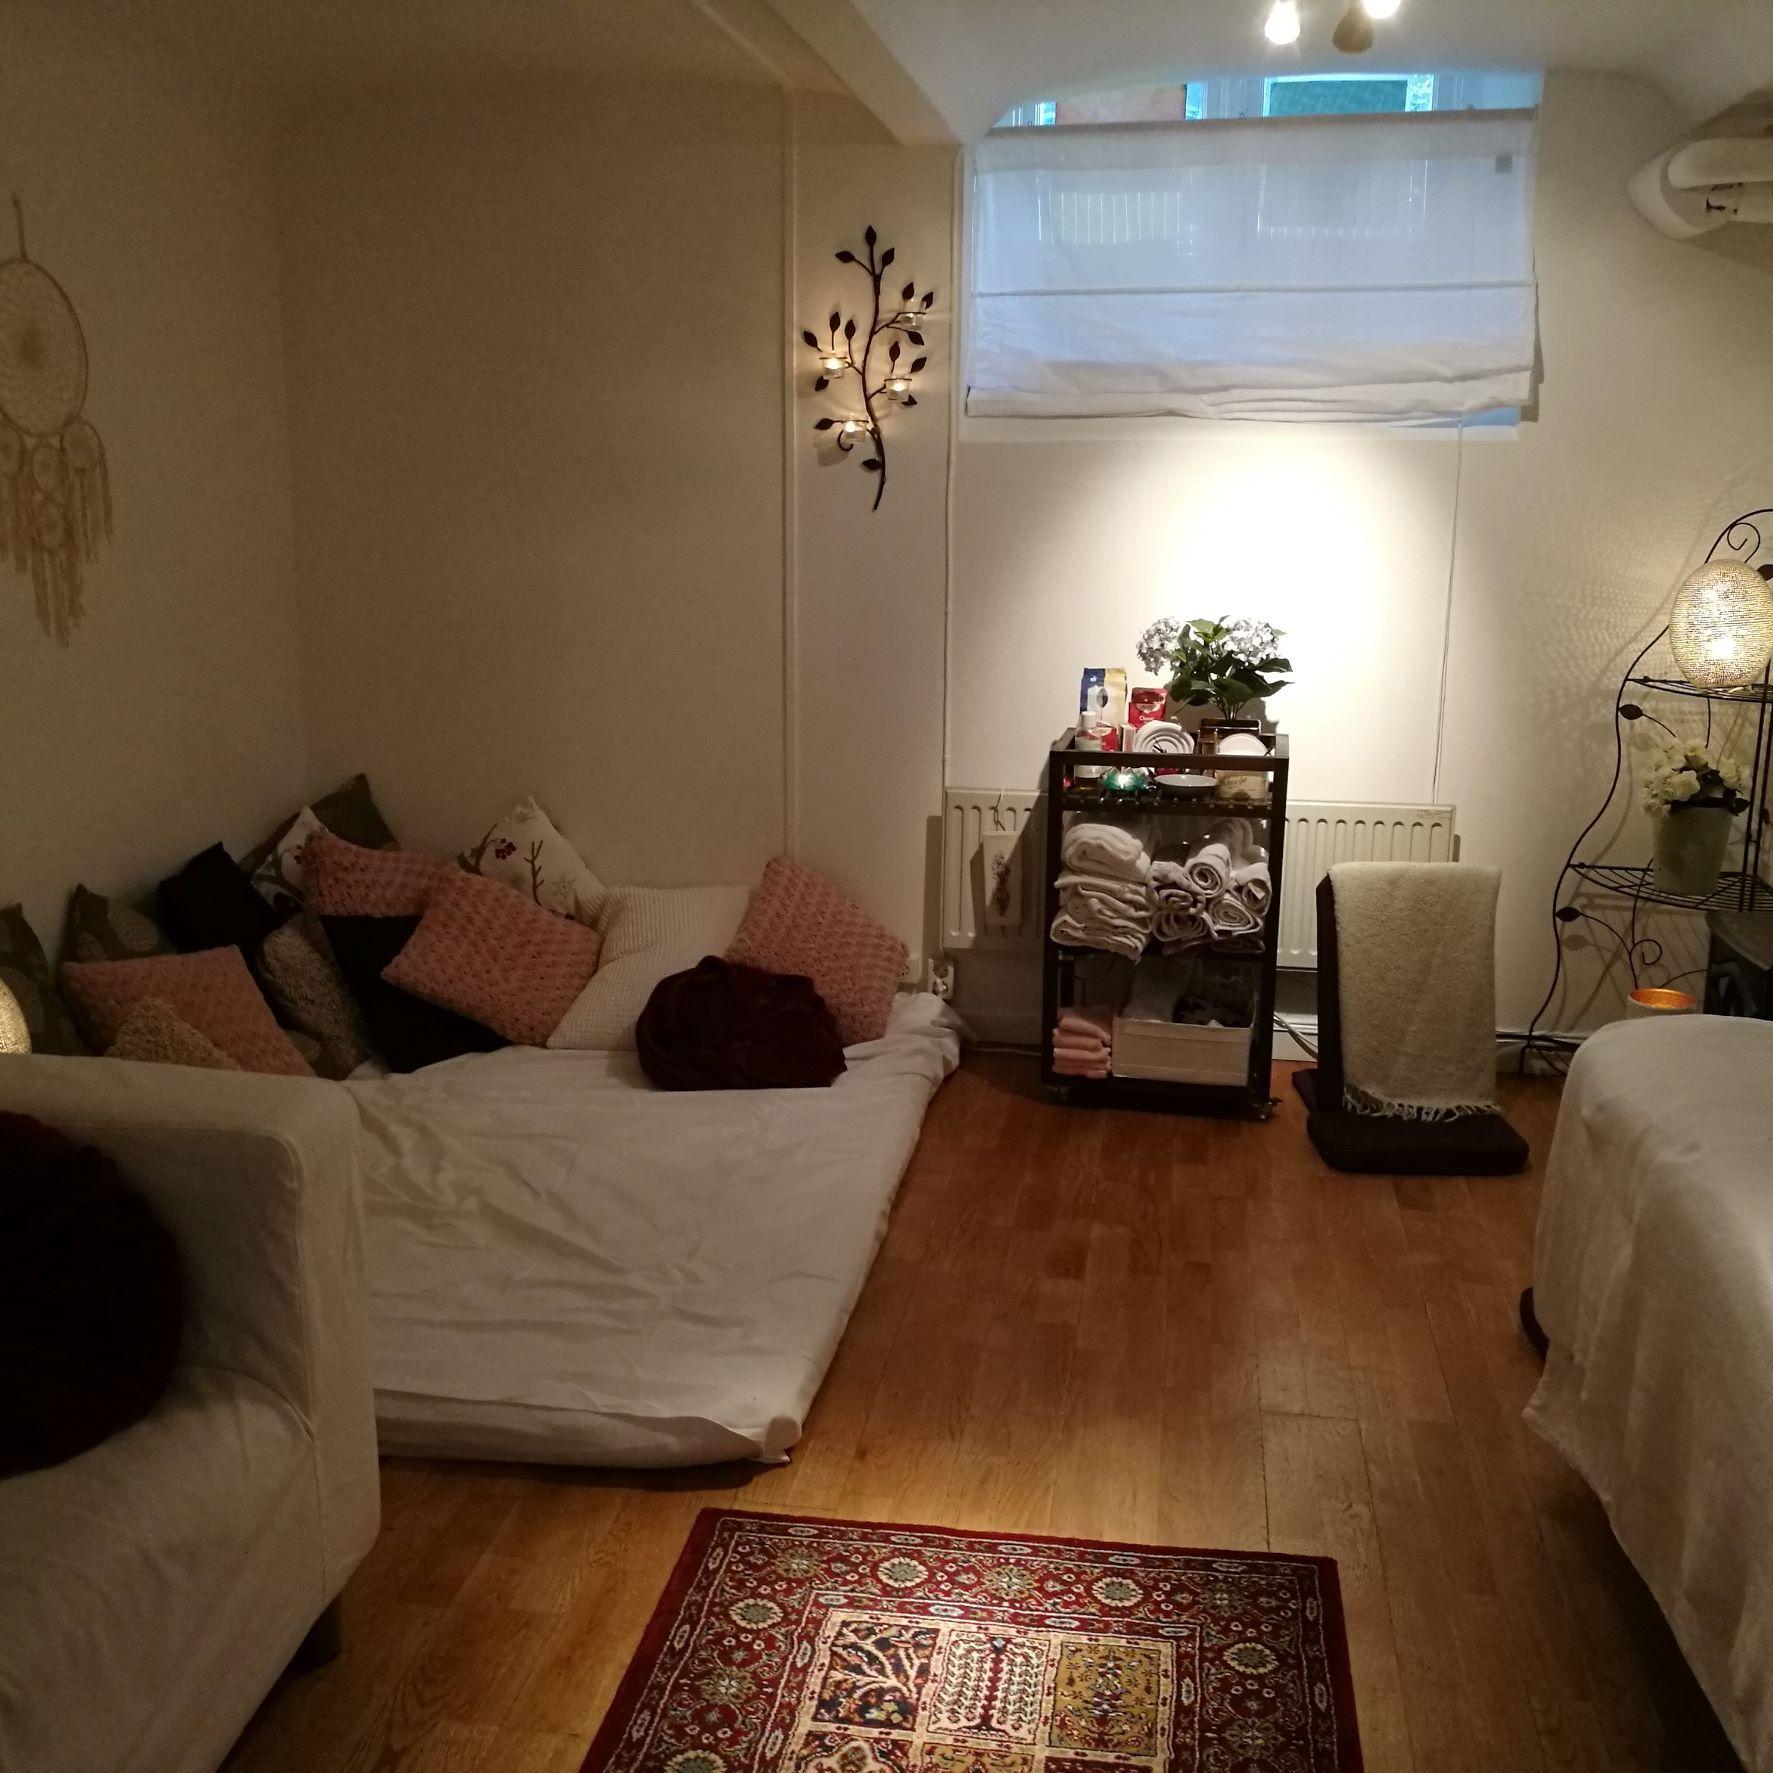 hitta kärleken på nätet gratis privat massage stockholm